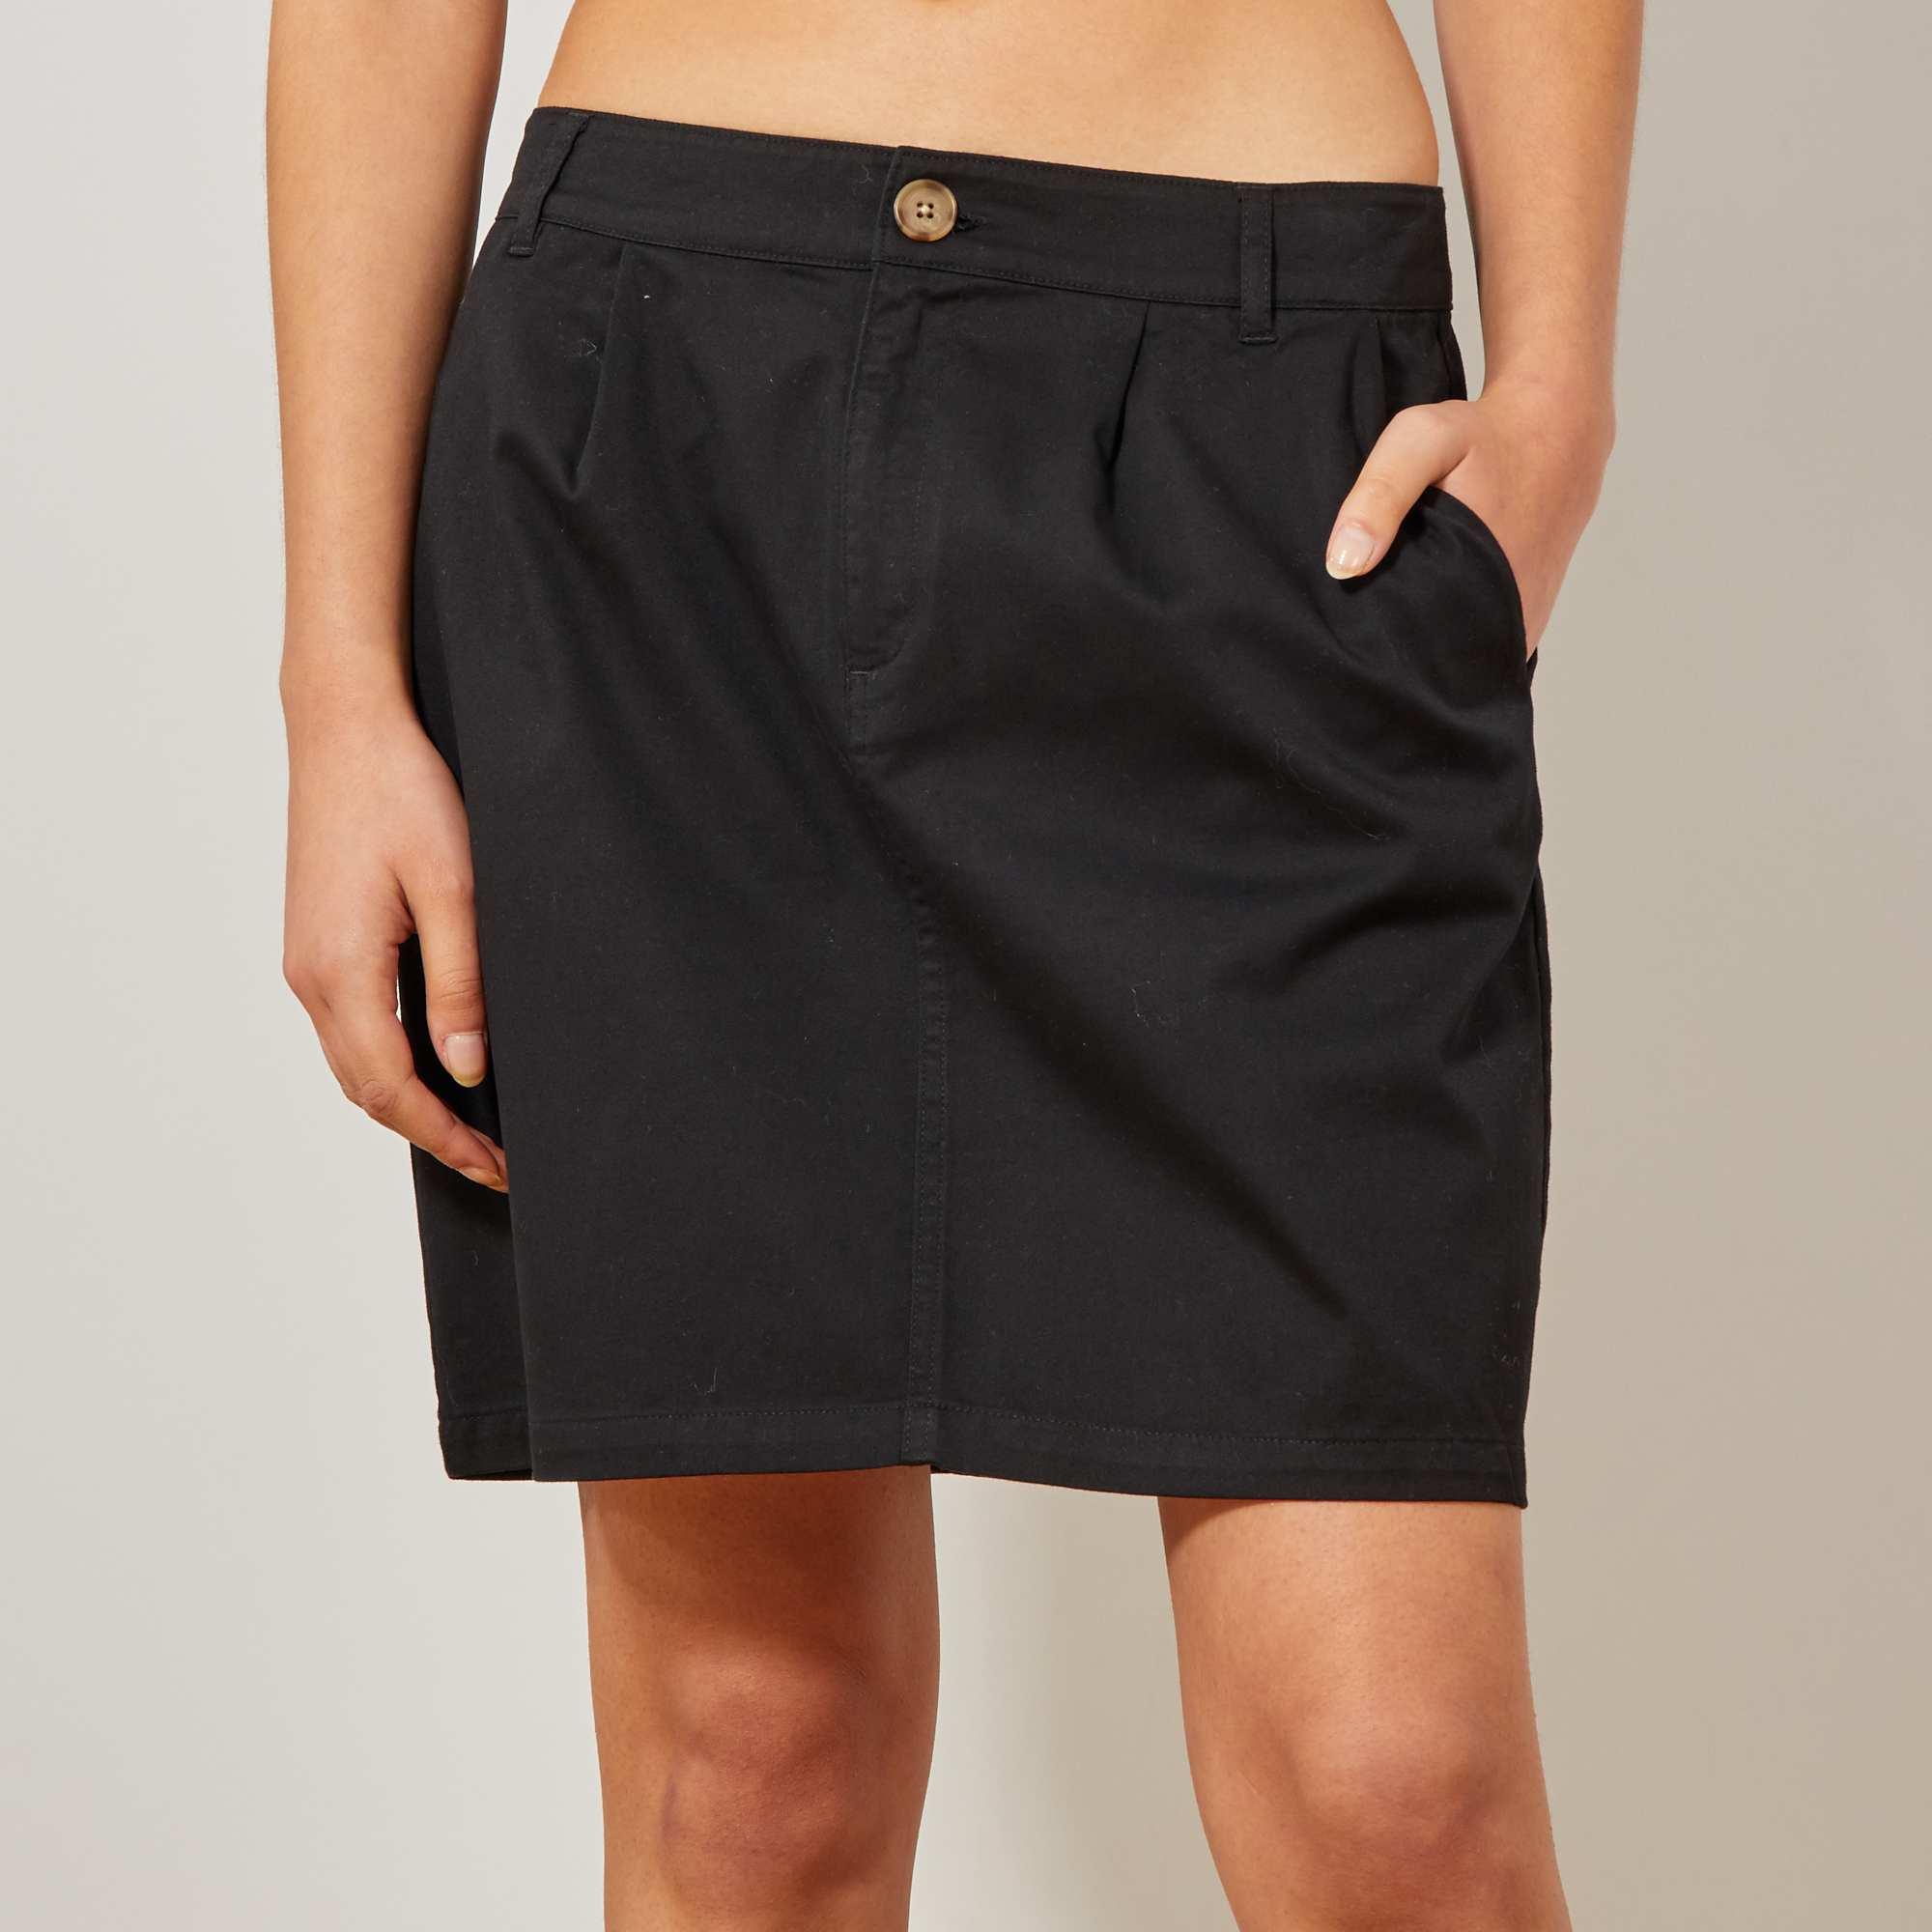 0110303e737 Jupe chino en coton stretch Femme - noir - Kiabi - 12